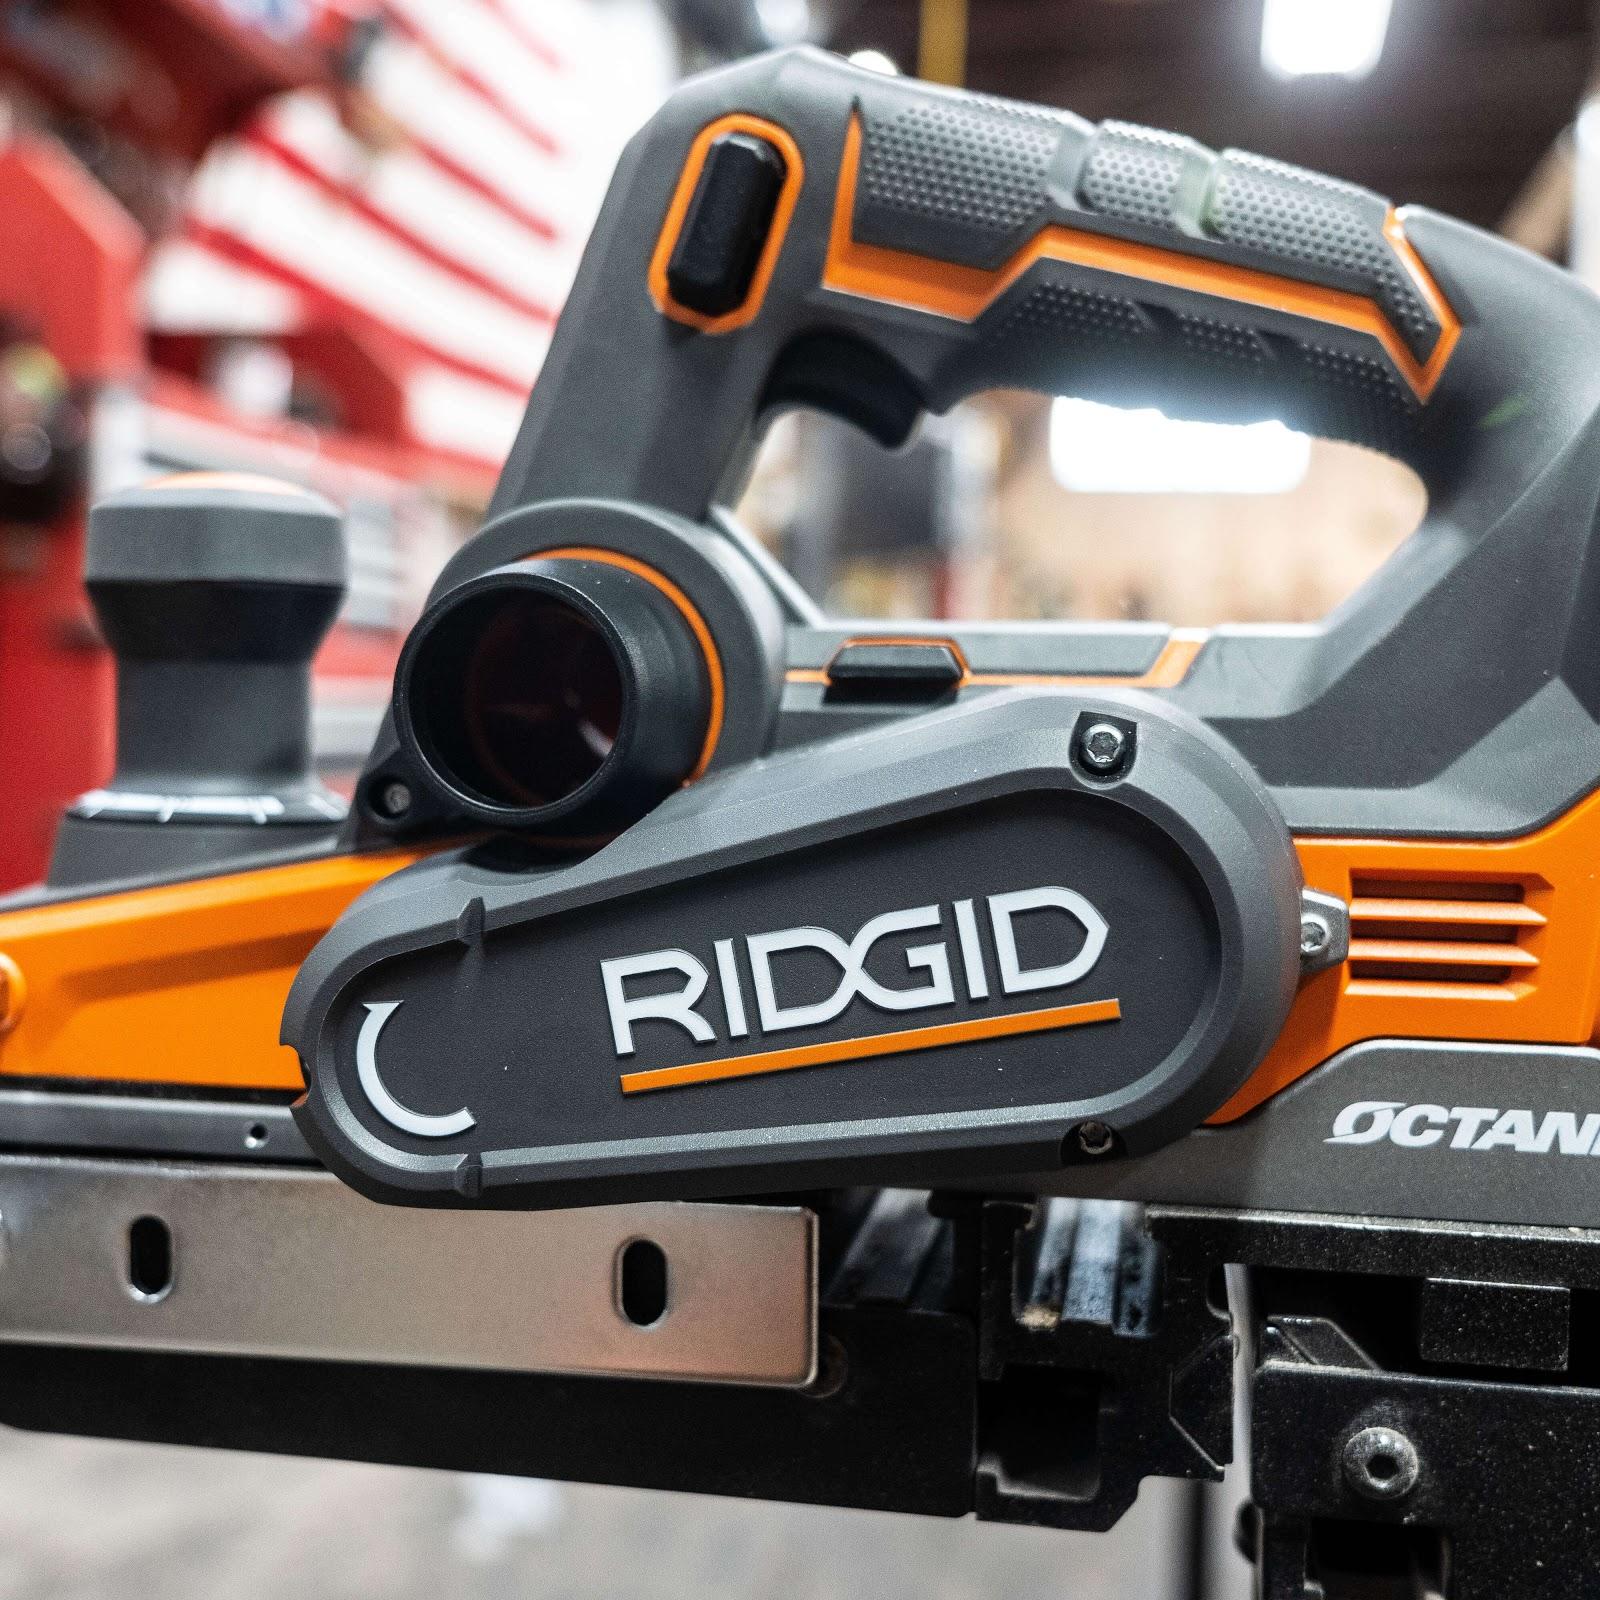 RIDGID OCTANE Brushless 18V 3 ¼ Hand Planer